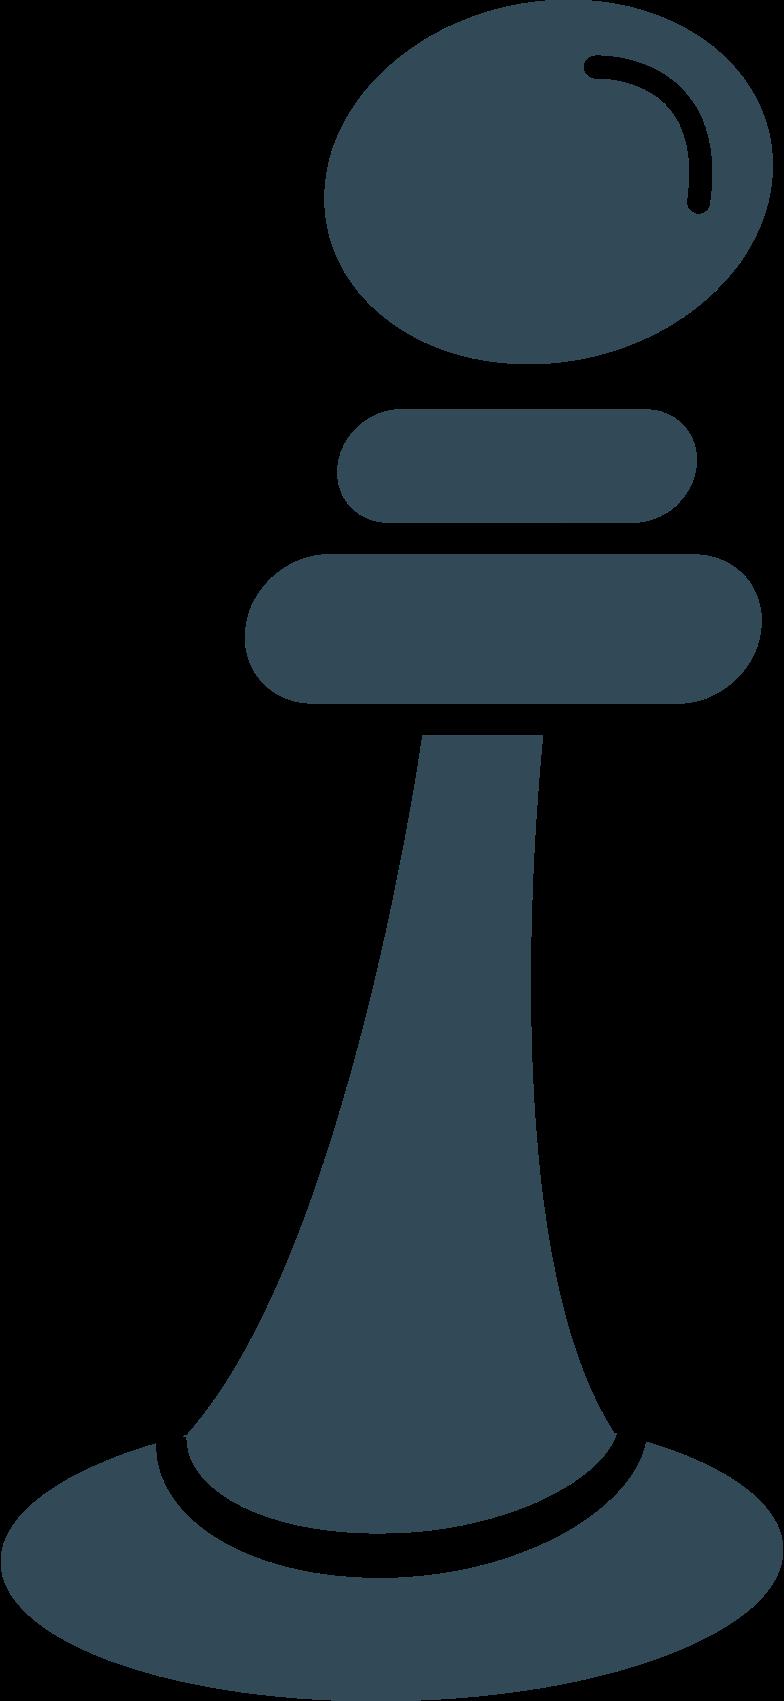 schach bauer Clipart-Grafik als PNG, SVG